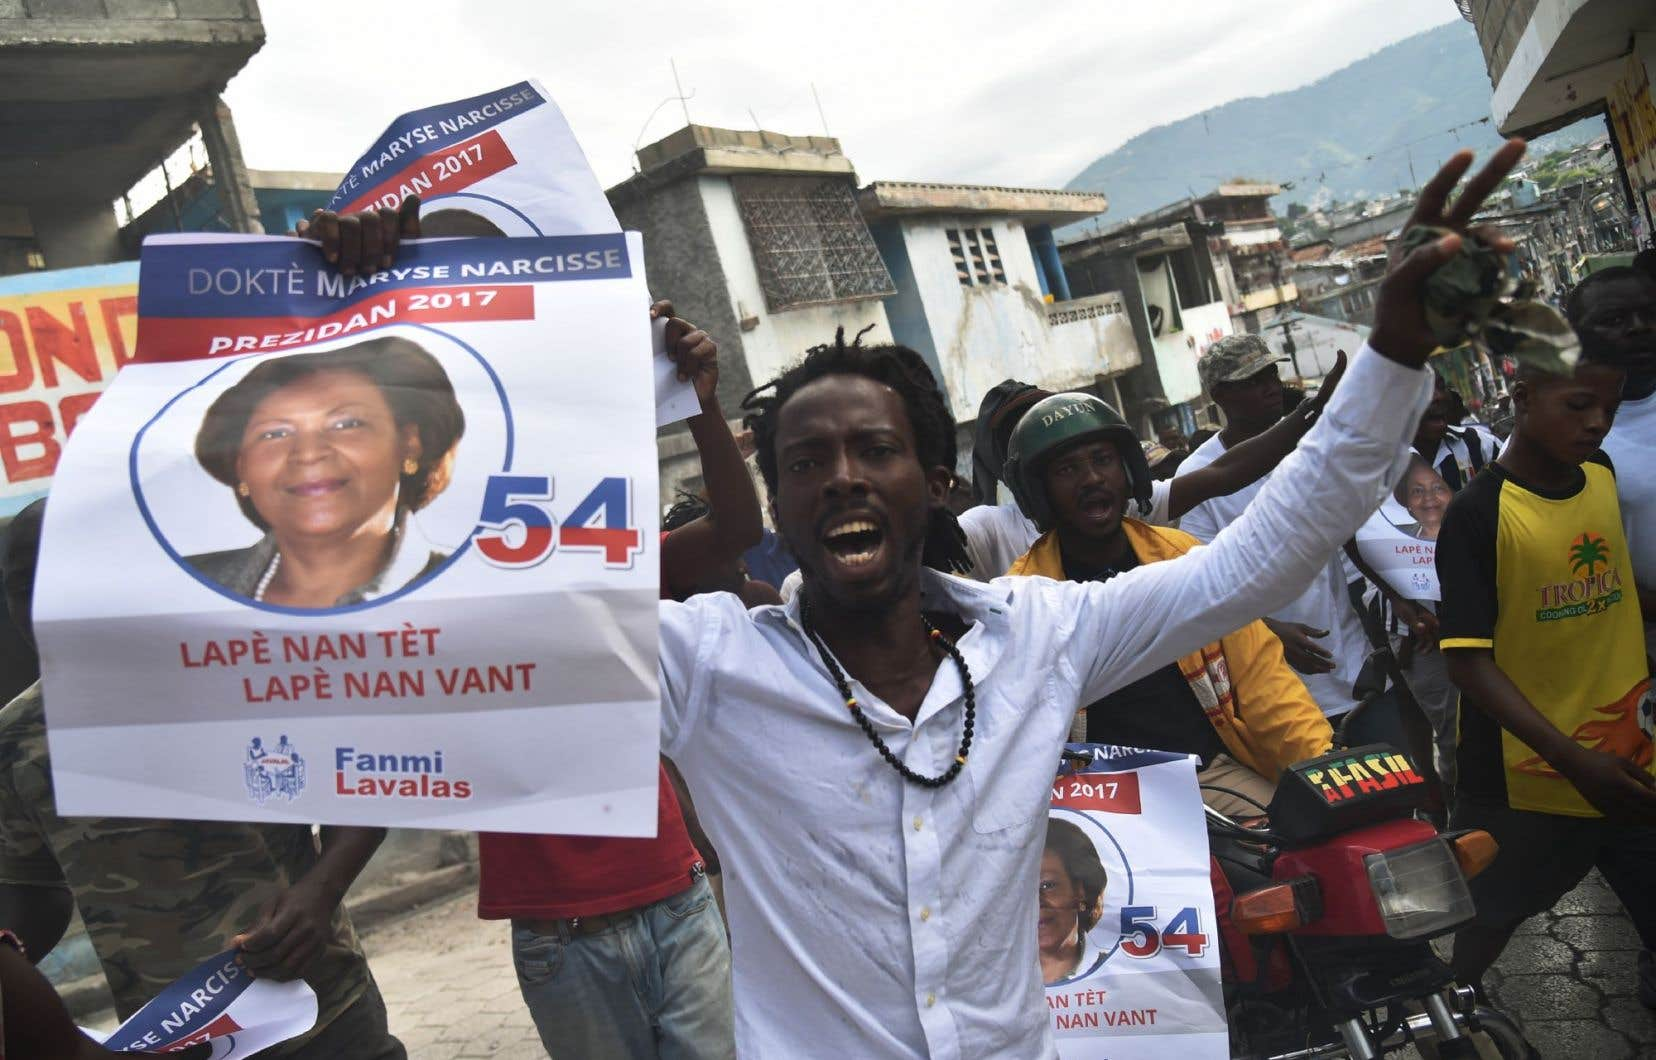 Des supporters brandissent le portrait de la candidate présidentielle Maryse Narcisse, le 21 novembre 2016.